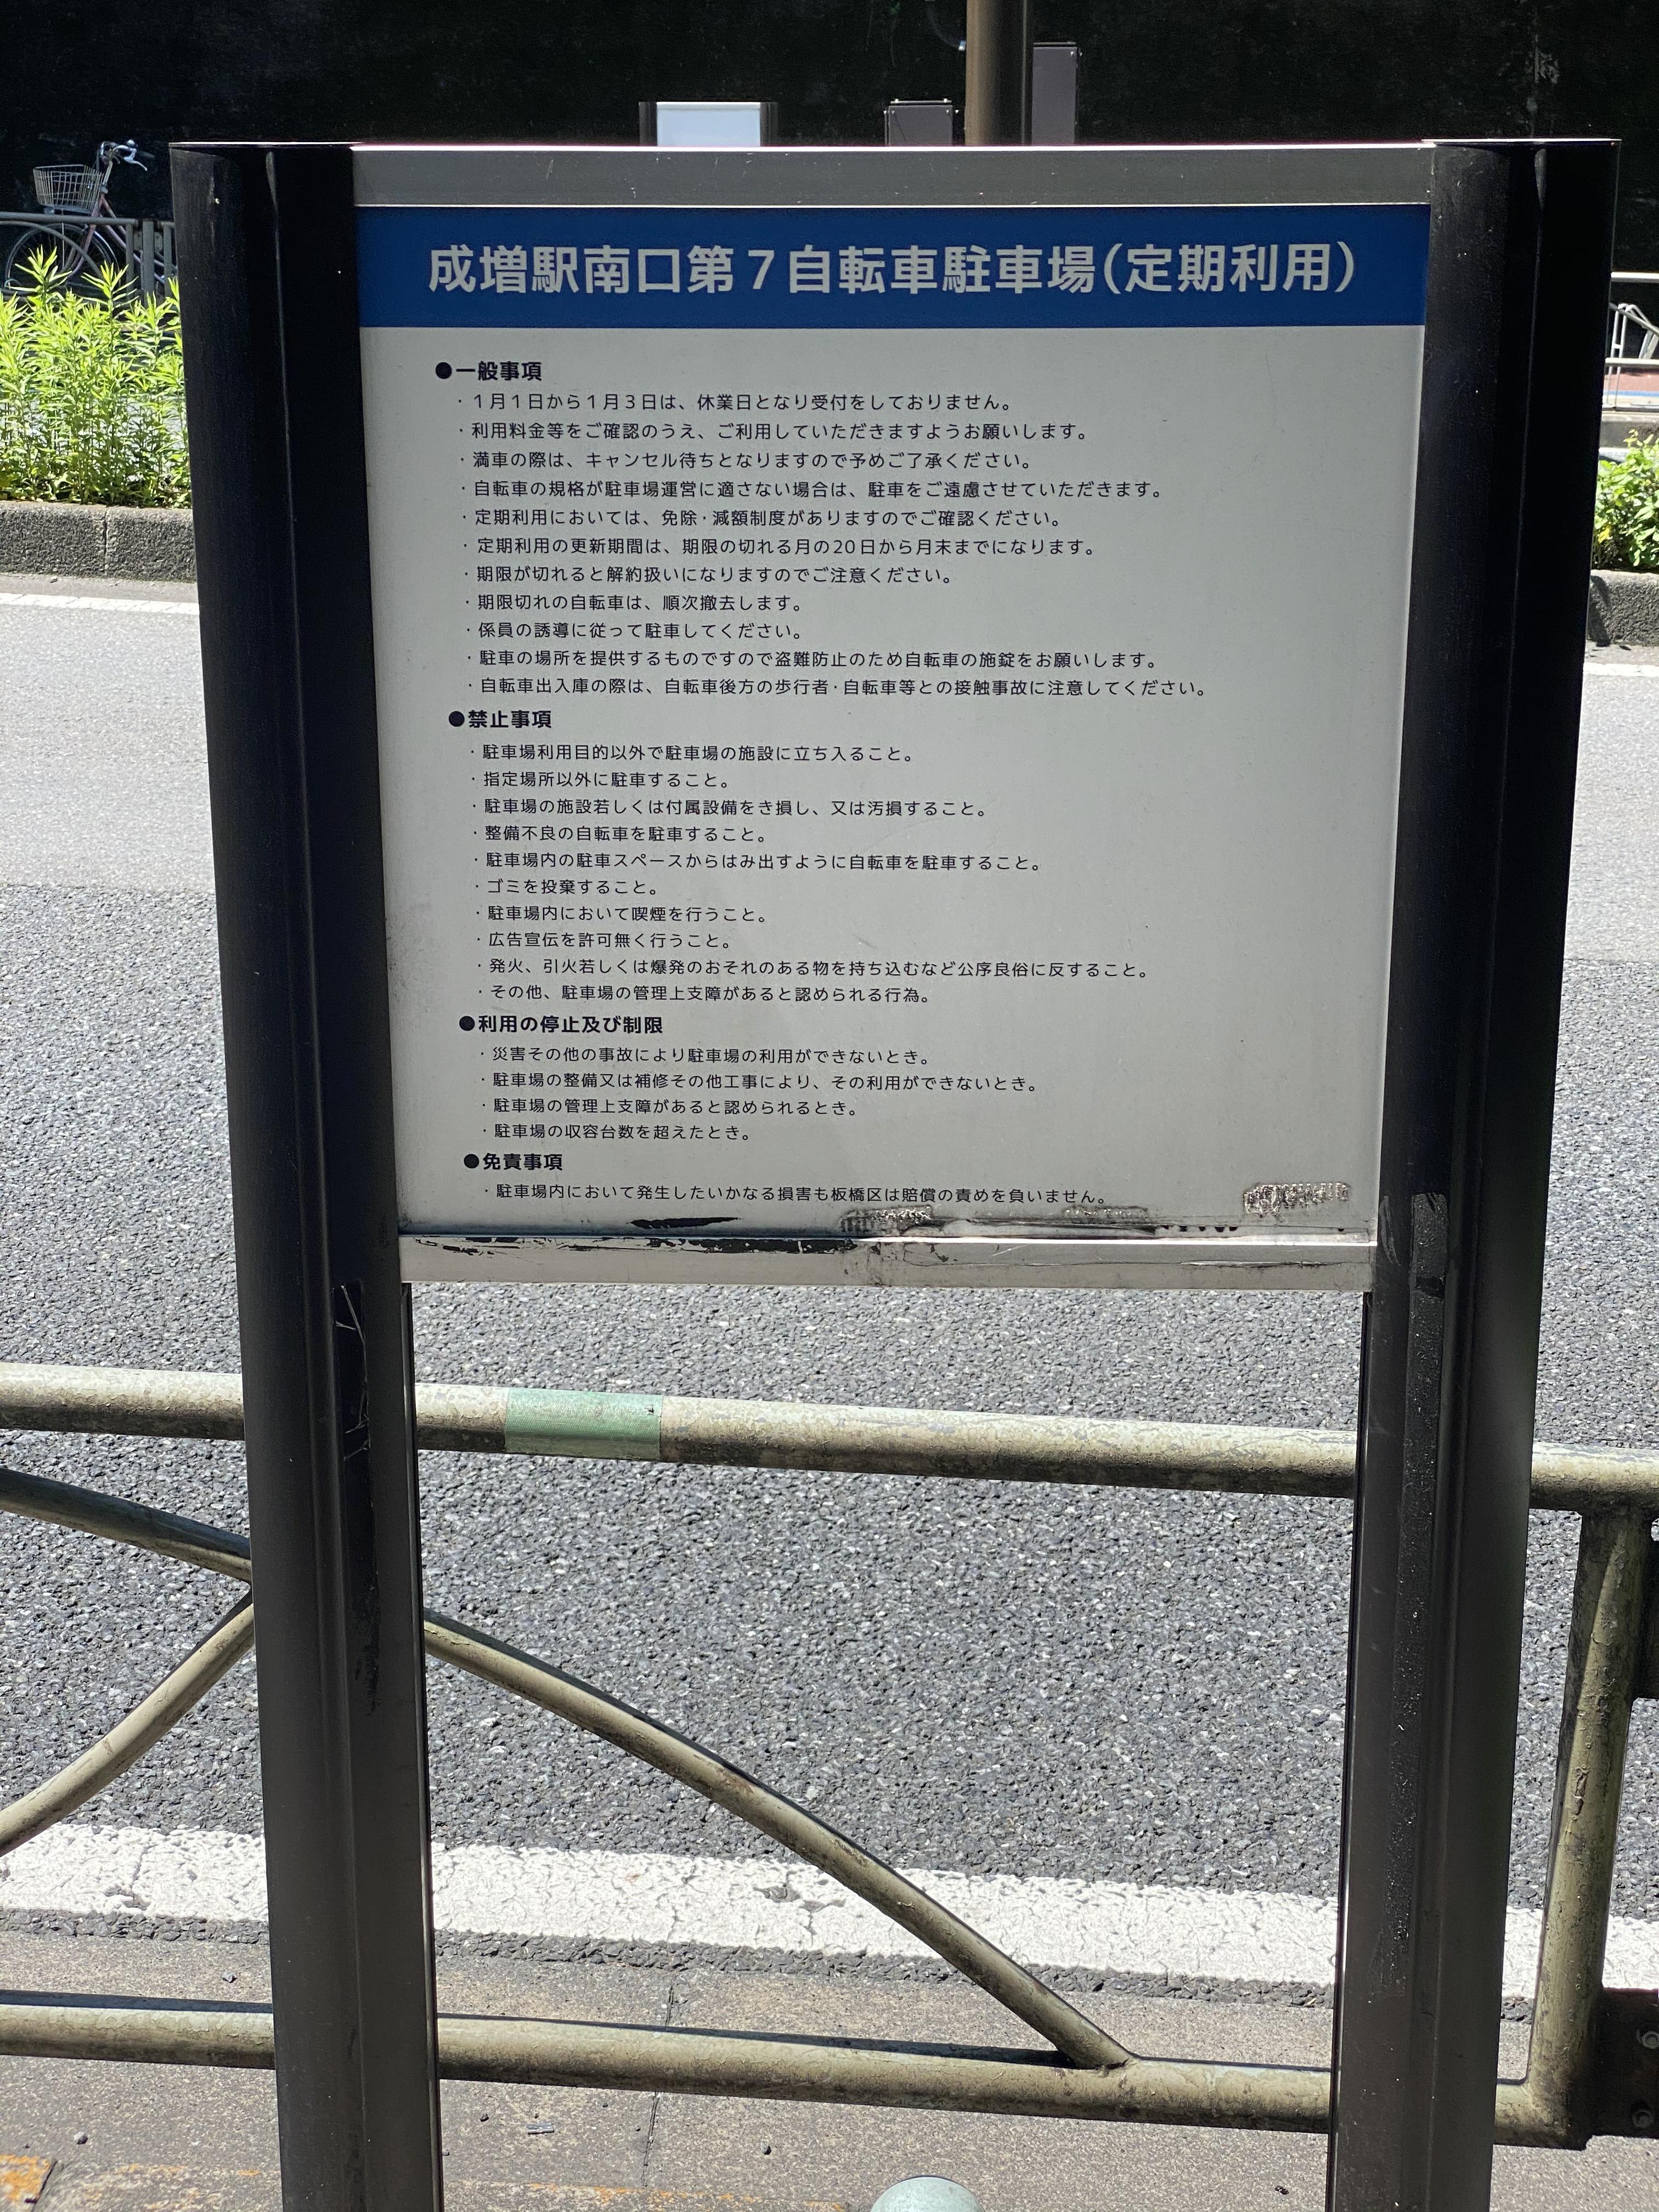 成増駅南口第7自転車駐車場(定期利用)